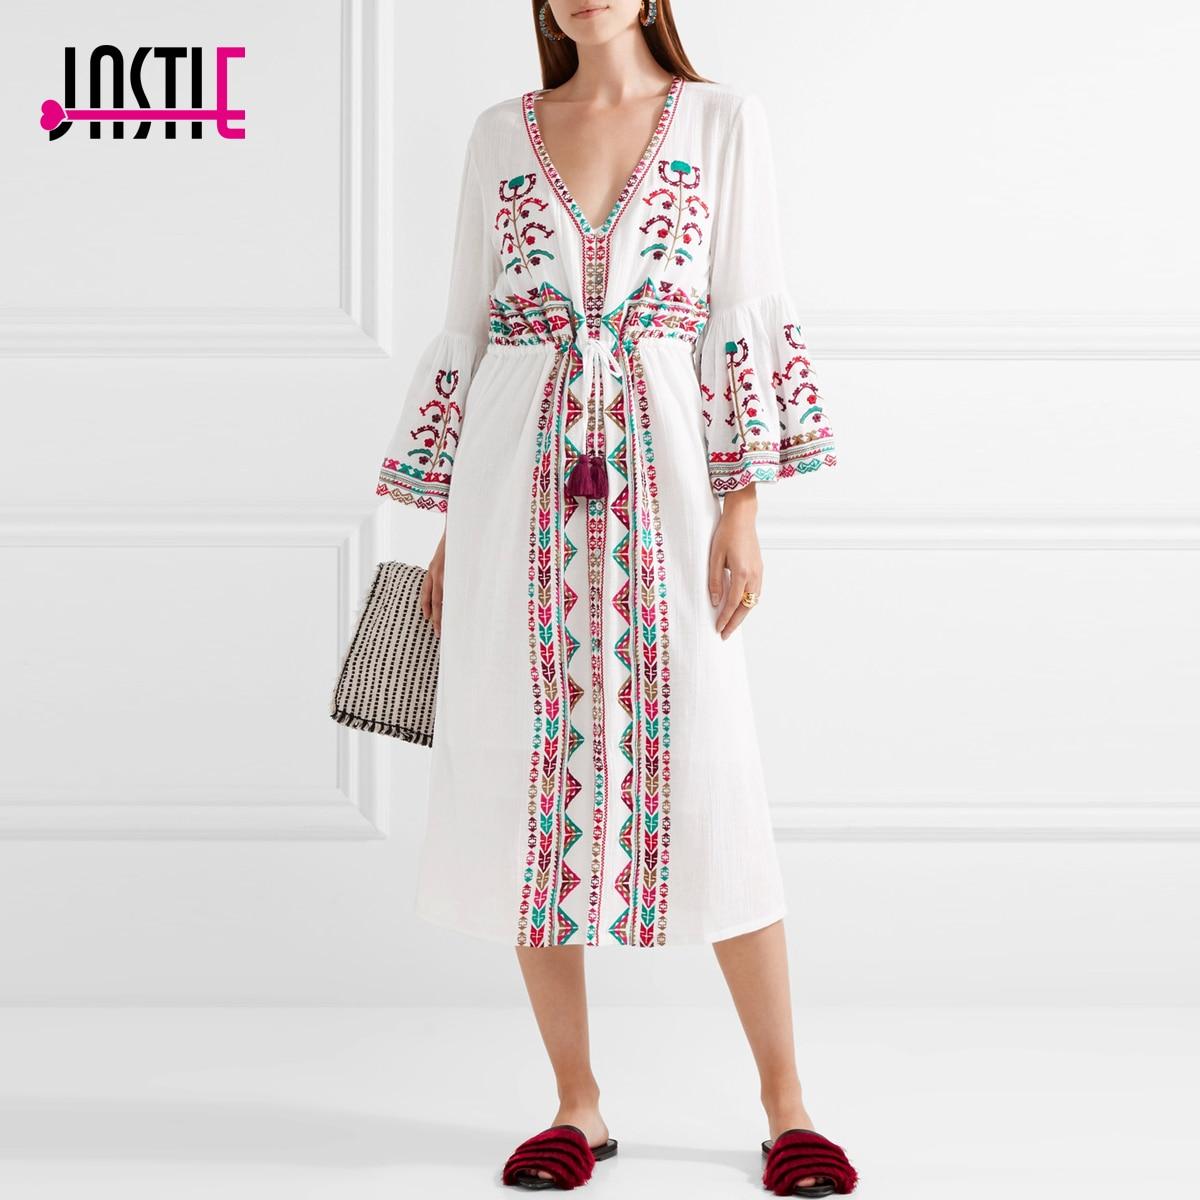 Jastie brodé coton robe mi-longue Boho manches cloche col en v robe de plage garniture de gland cordon femmes robes d'été robes